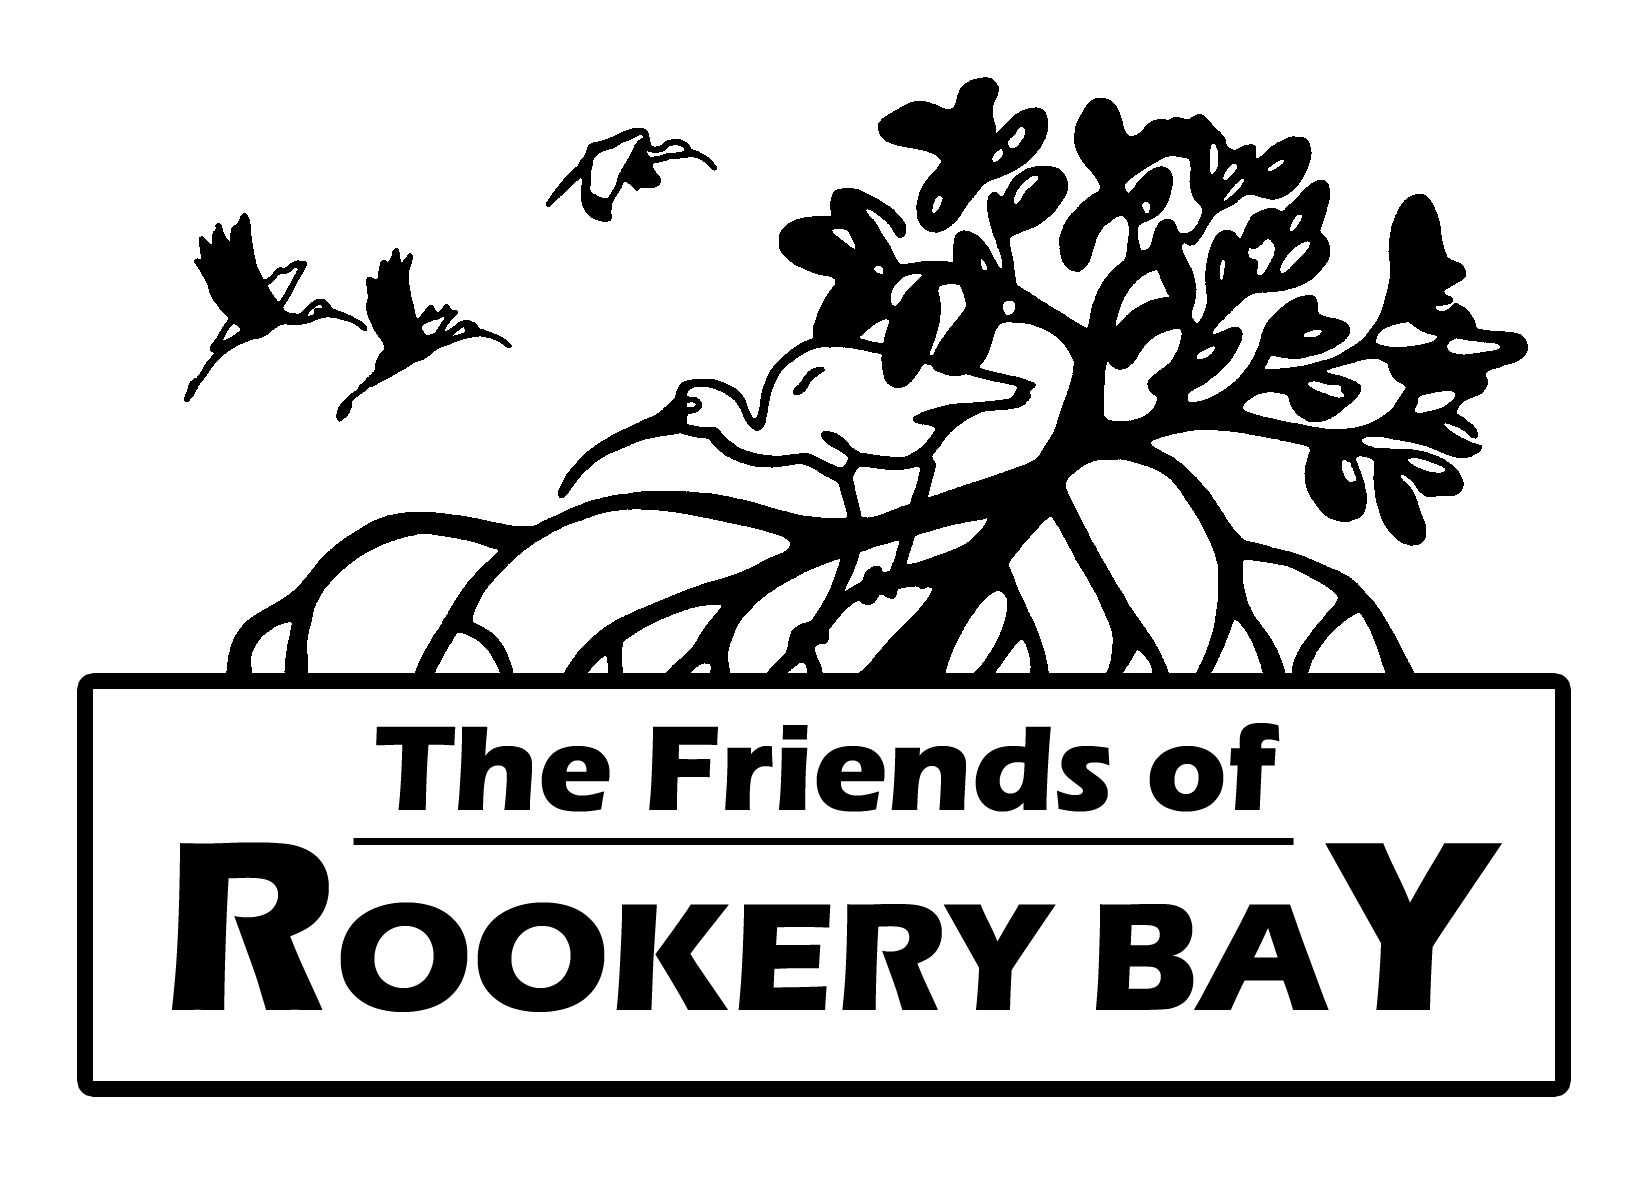 Friends_of_Rookery_Bay.jpg